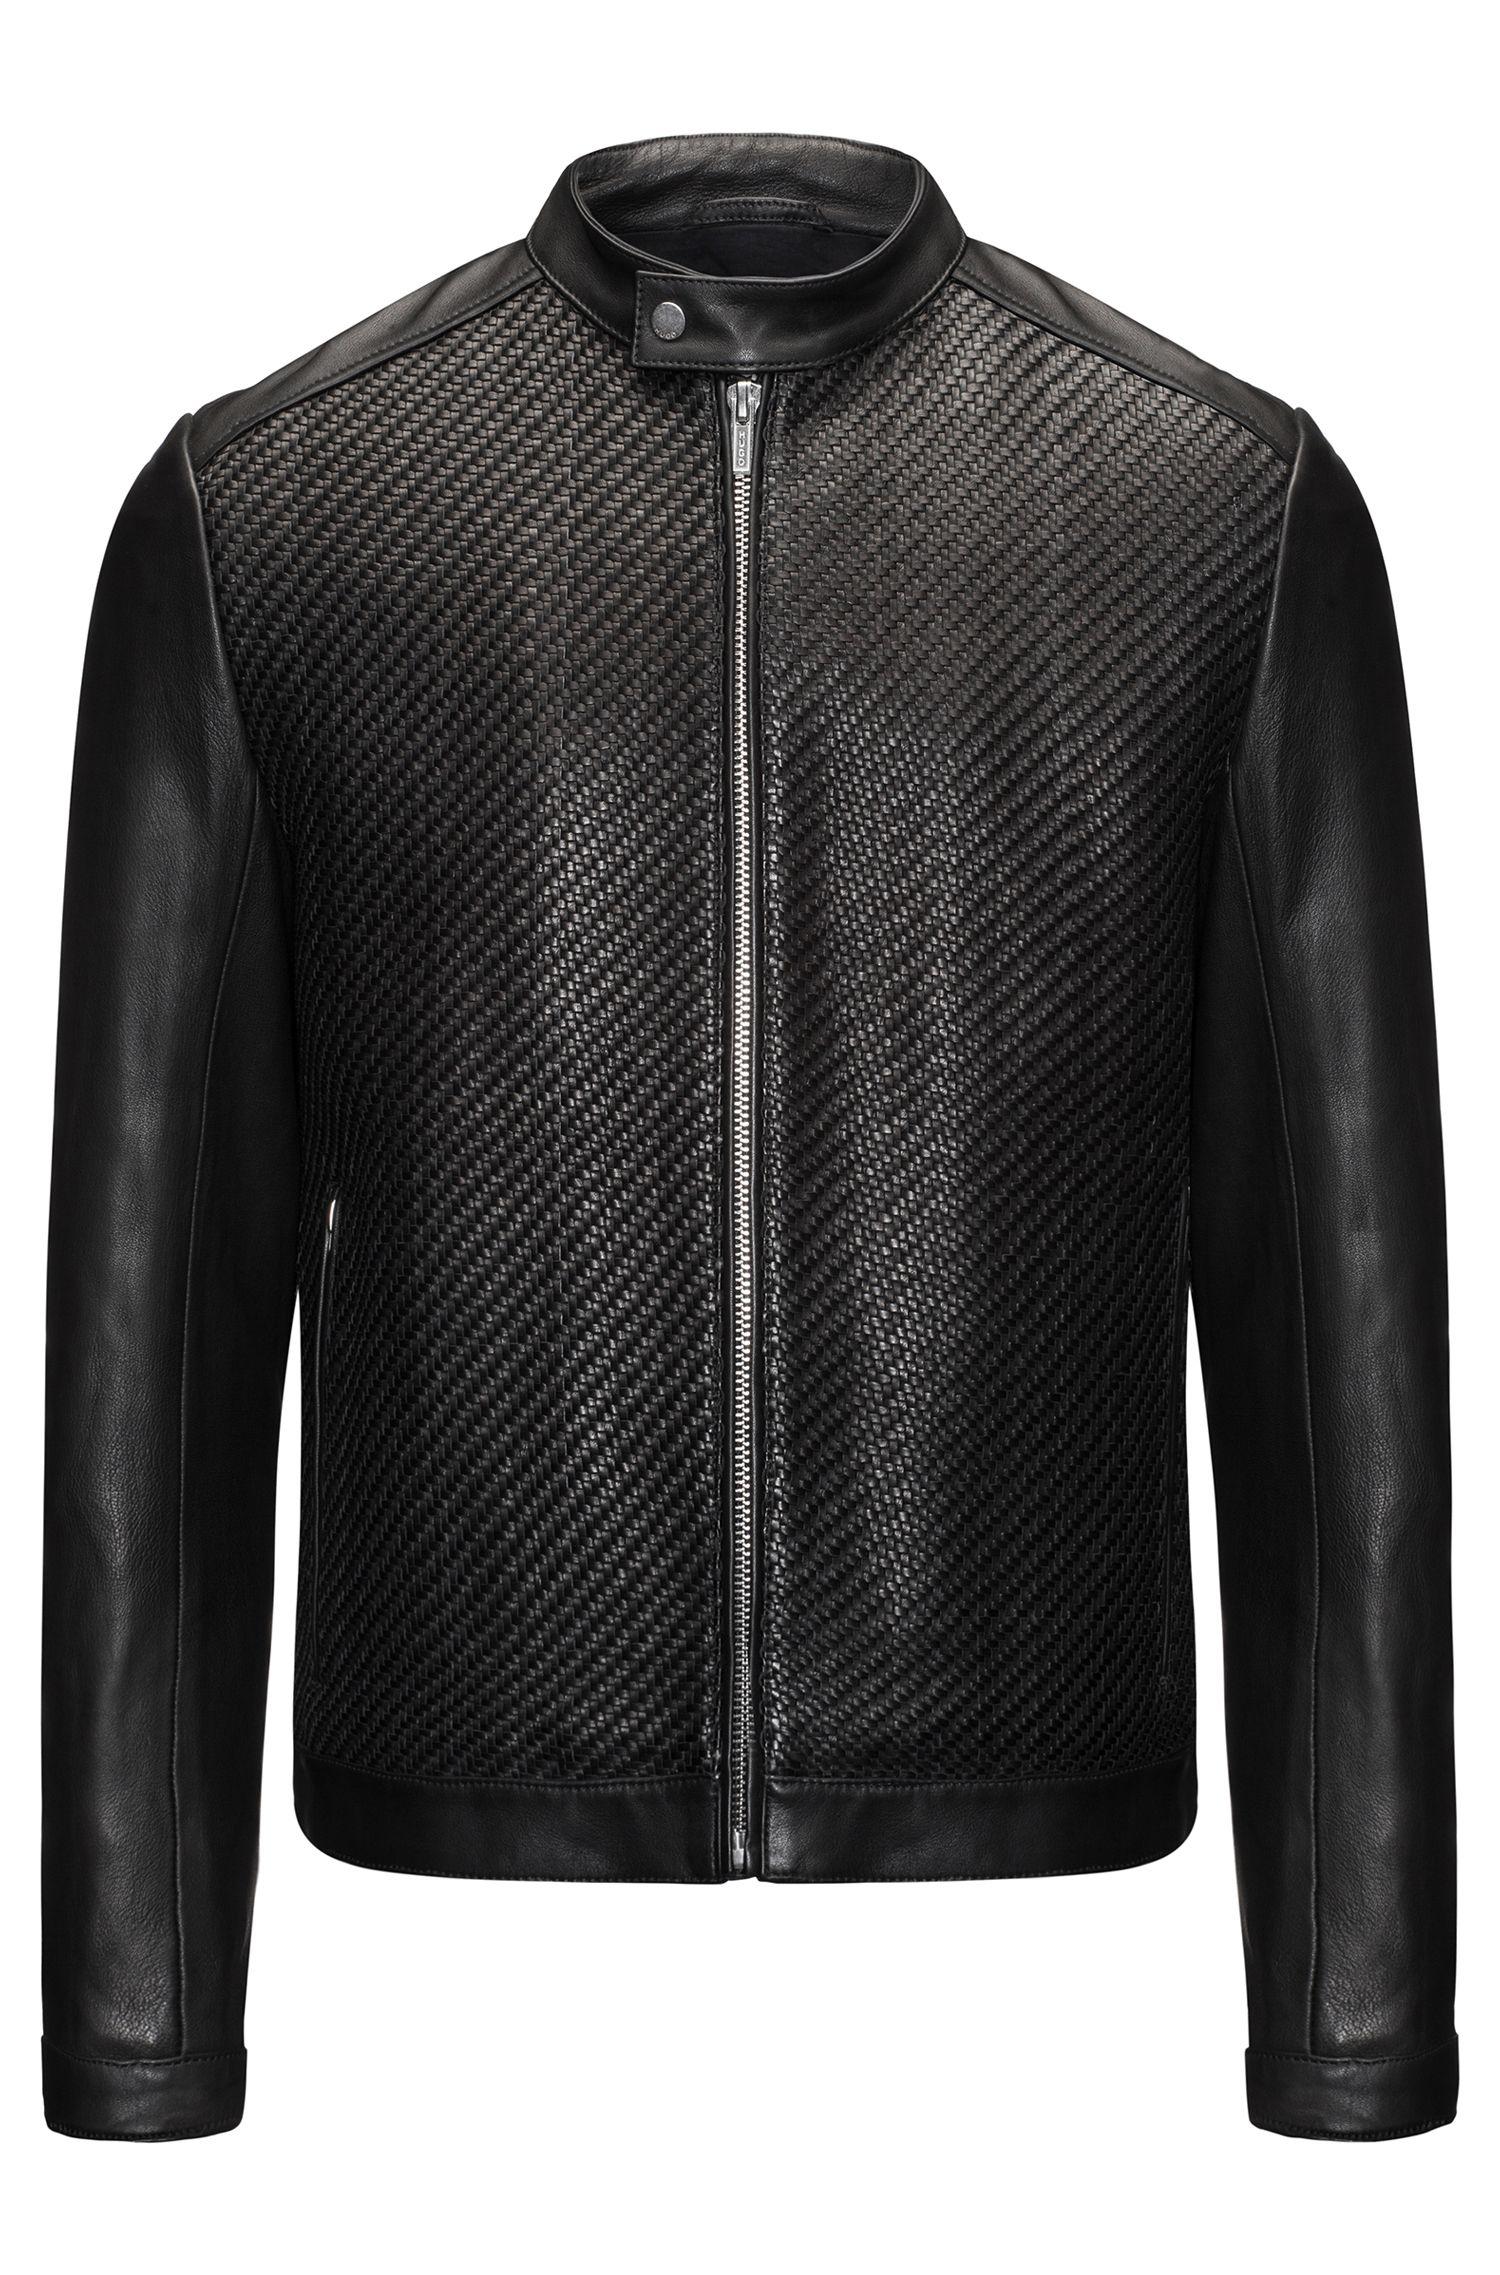 Woven Leather Jacket | Lessco